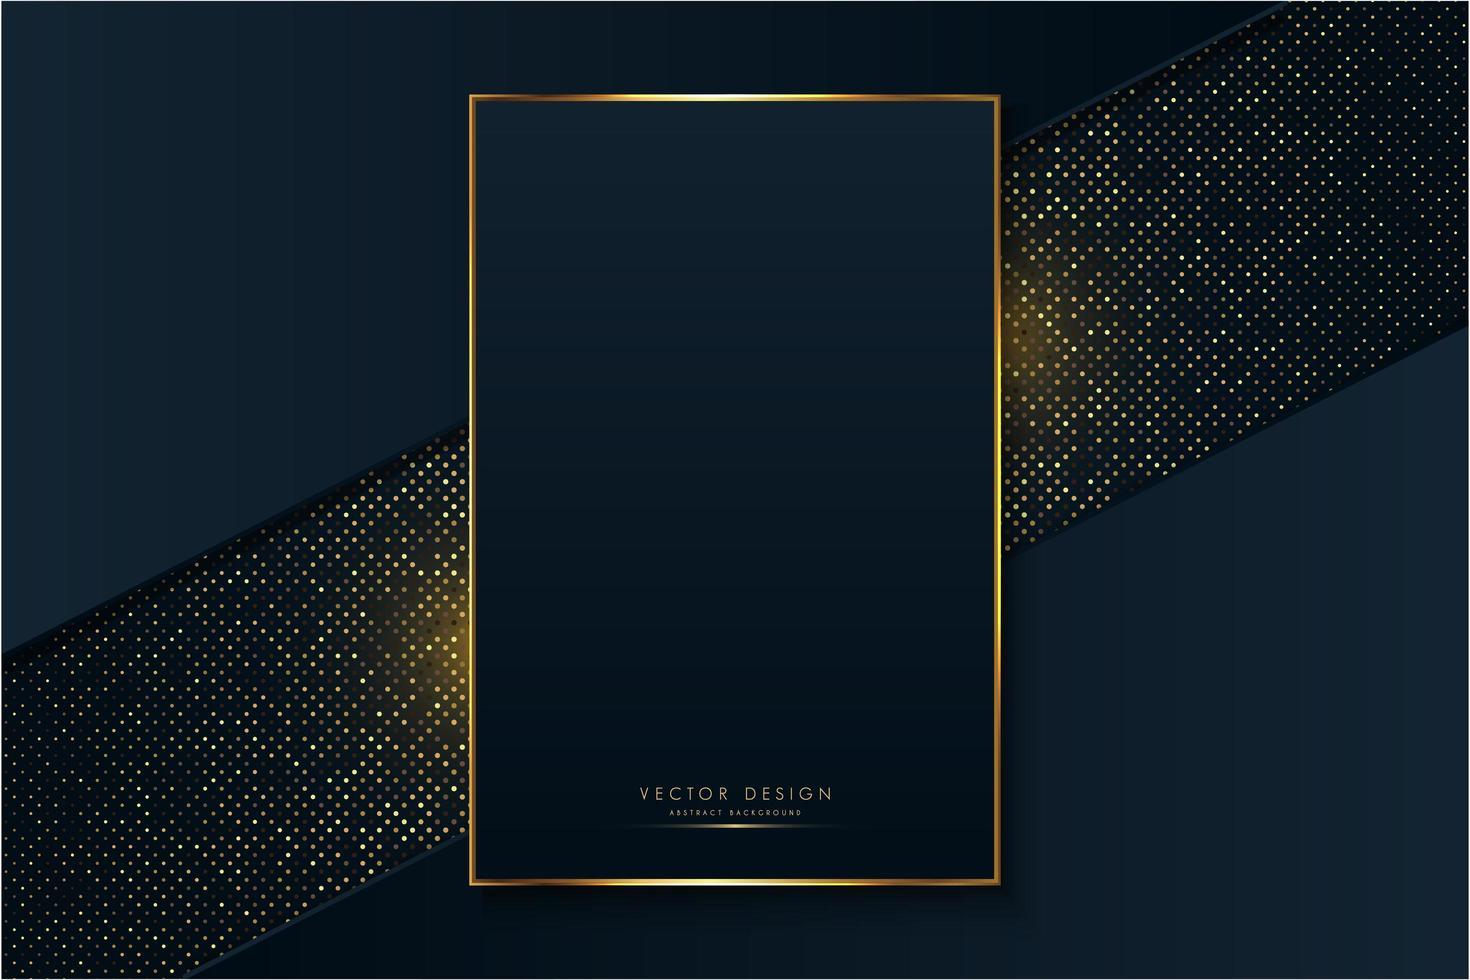 Luxusrahmen aus Blau und Gold über leuchtenden Punkten vektor